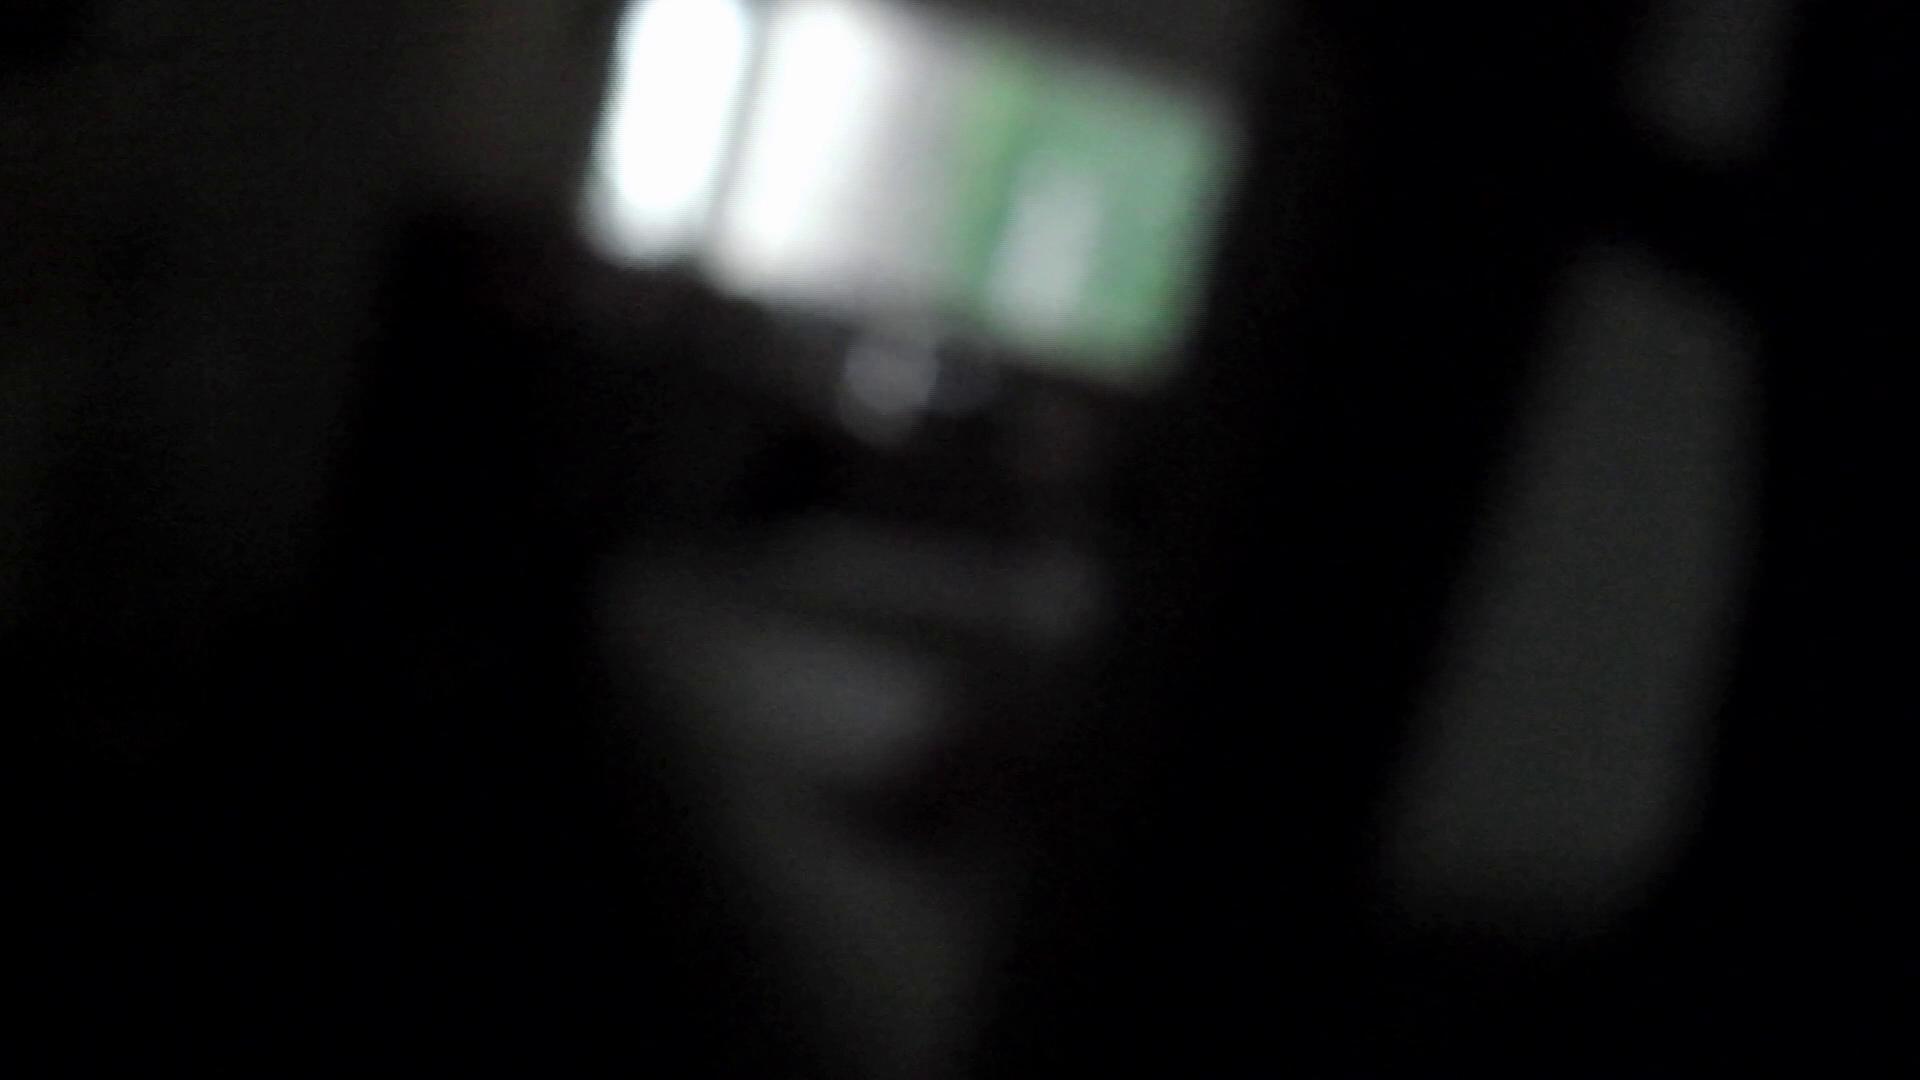 ヒトニアラヅNo.01 侵入 おまんこ | 丸出しマンコ  81連発 41